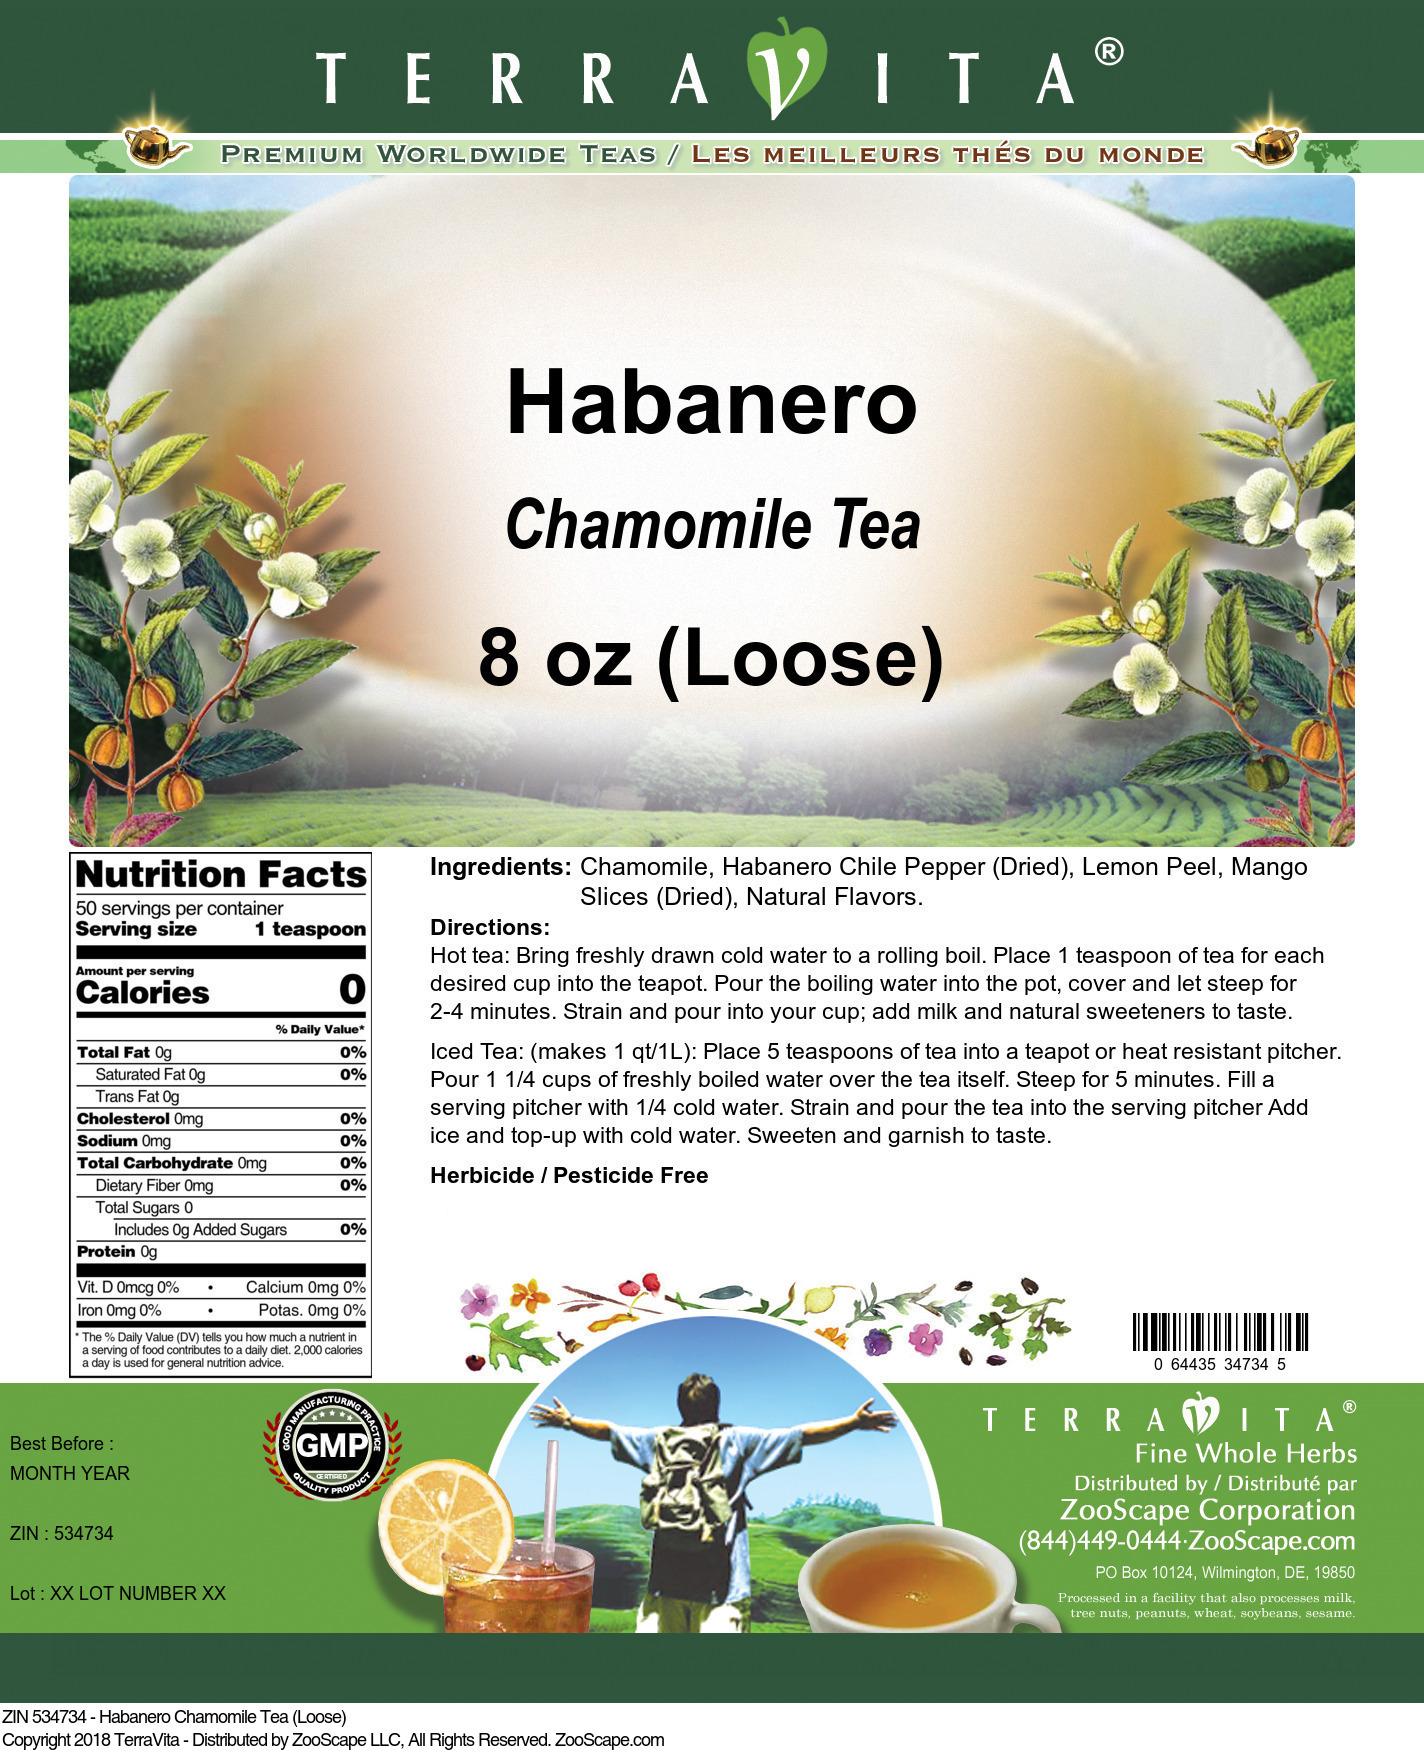 Habanero Chamomile Tea